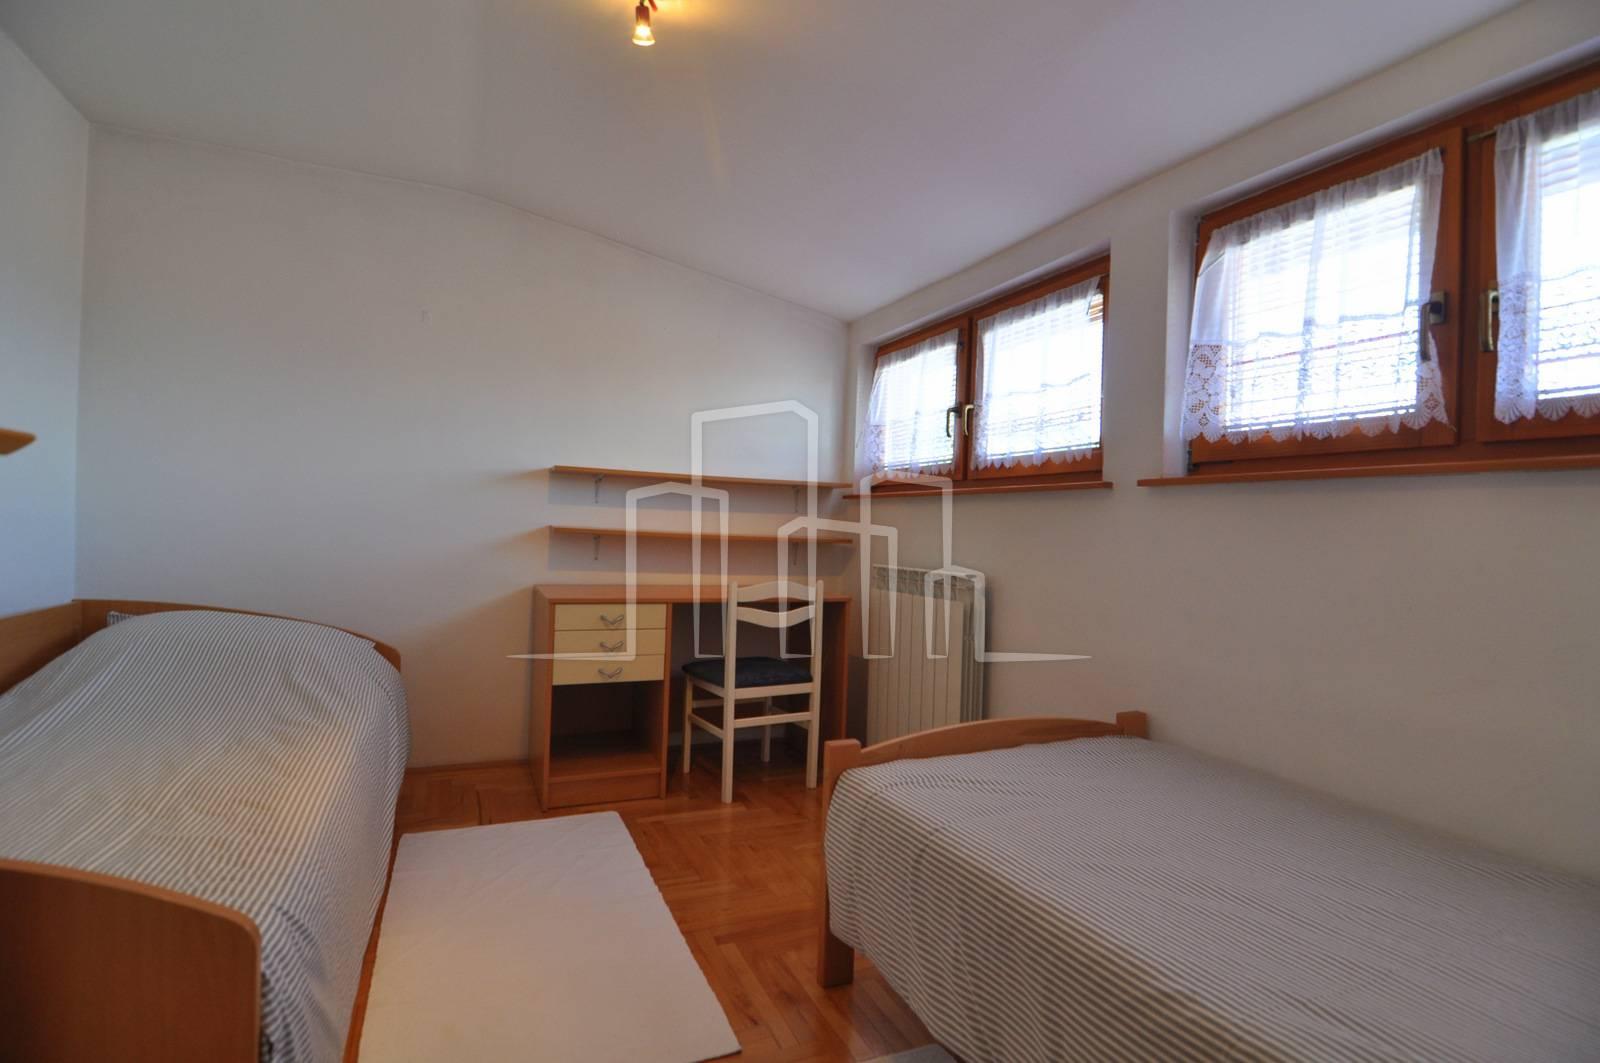 2 sprata 3 spavaće sobe 170m2  bašta 350m2 Orahov brijeg Vogošća